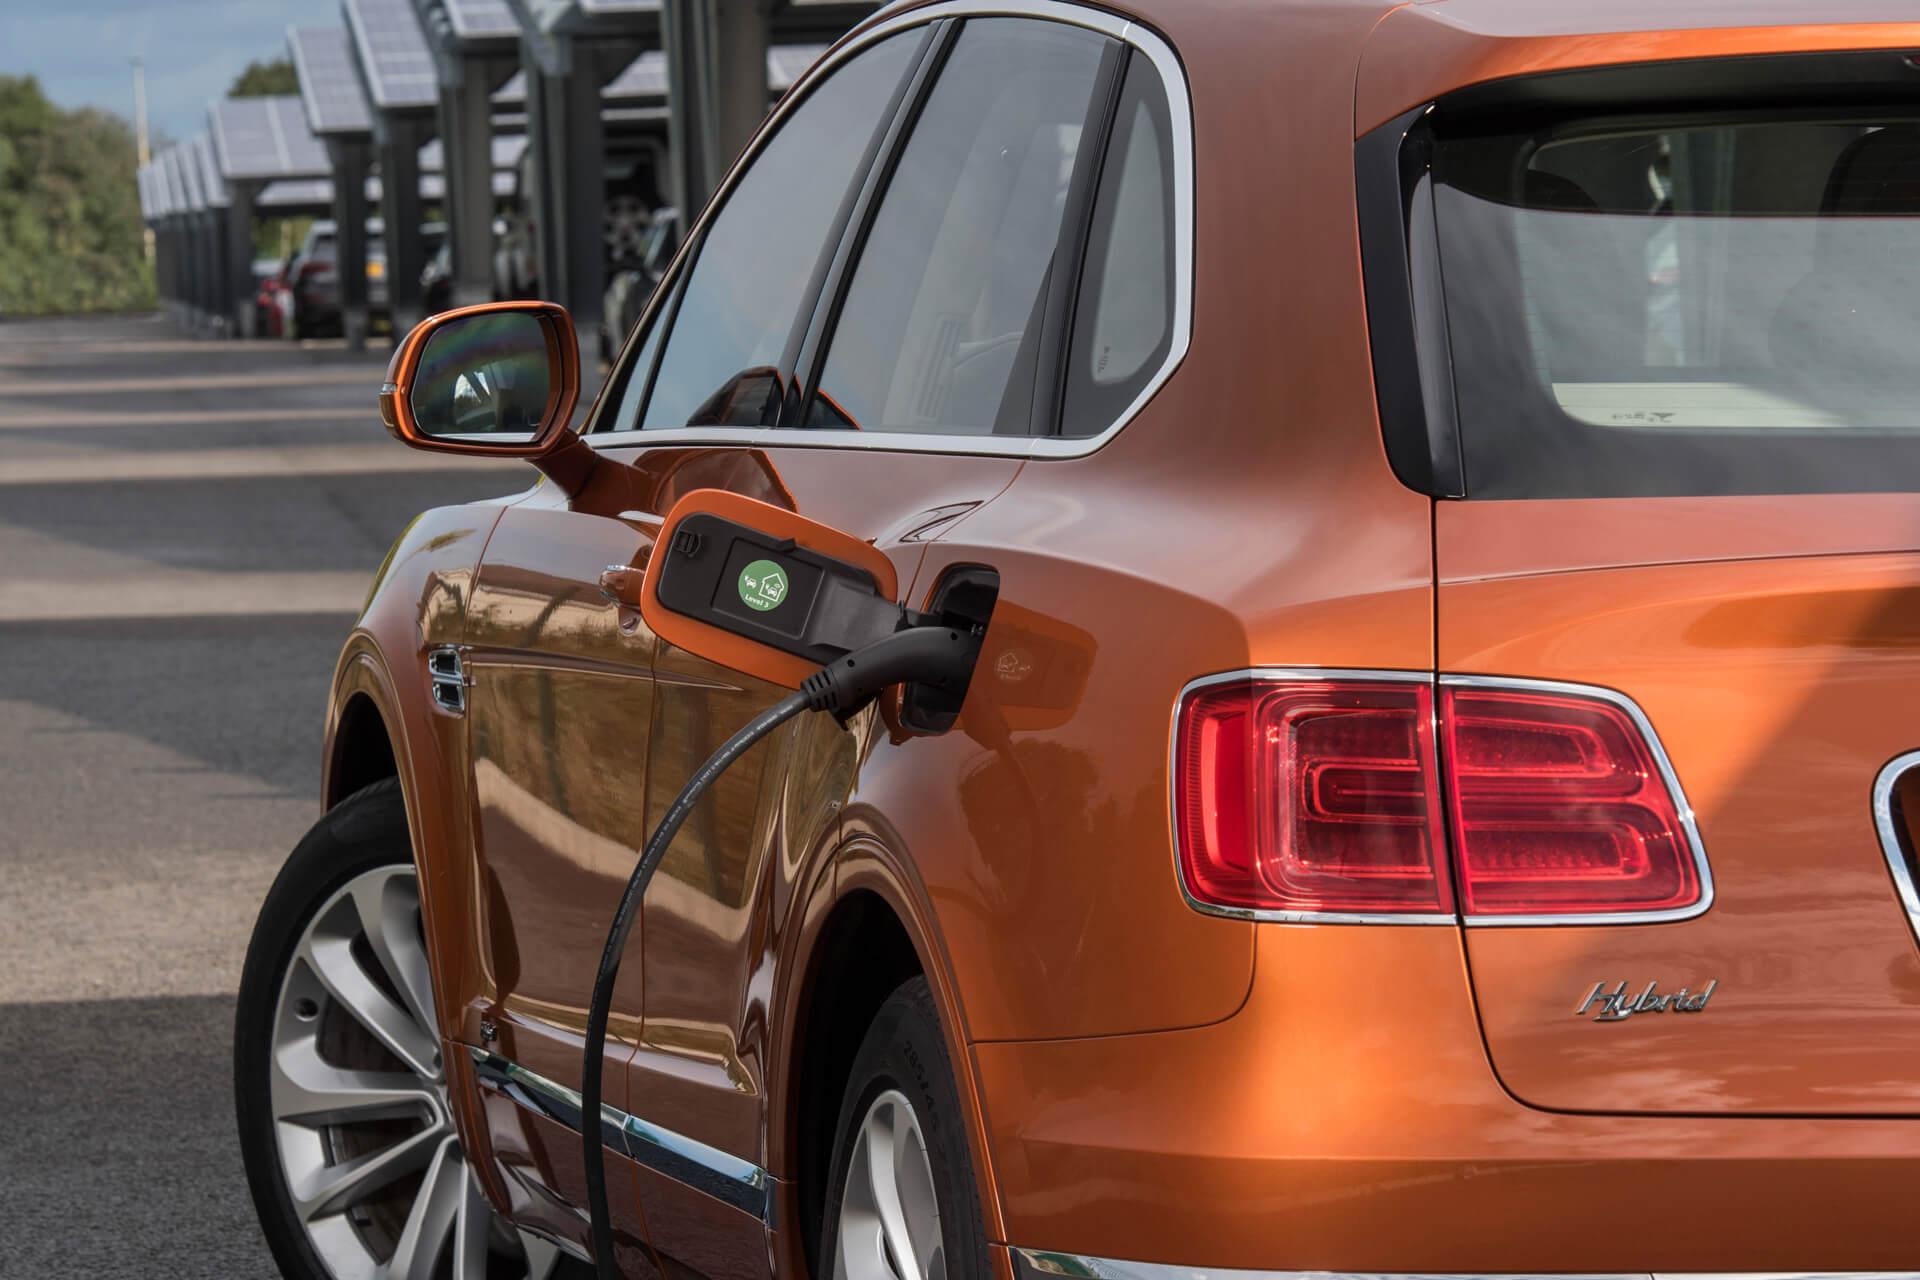 Первый роскошный плагин-гибрид Bentley Bentayga Hybrid на зарядке